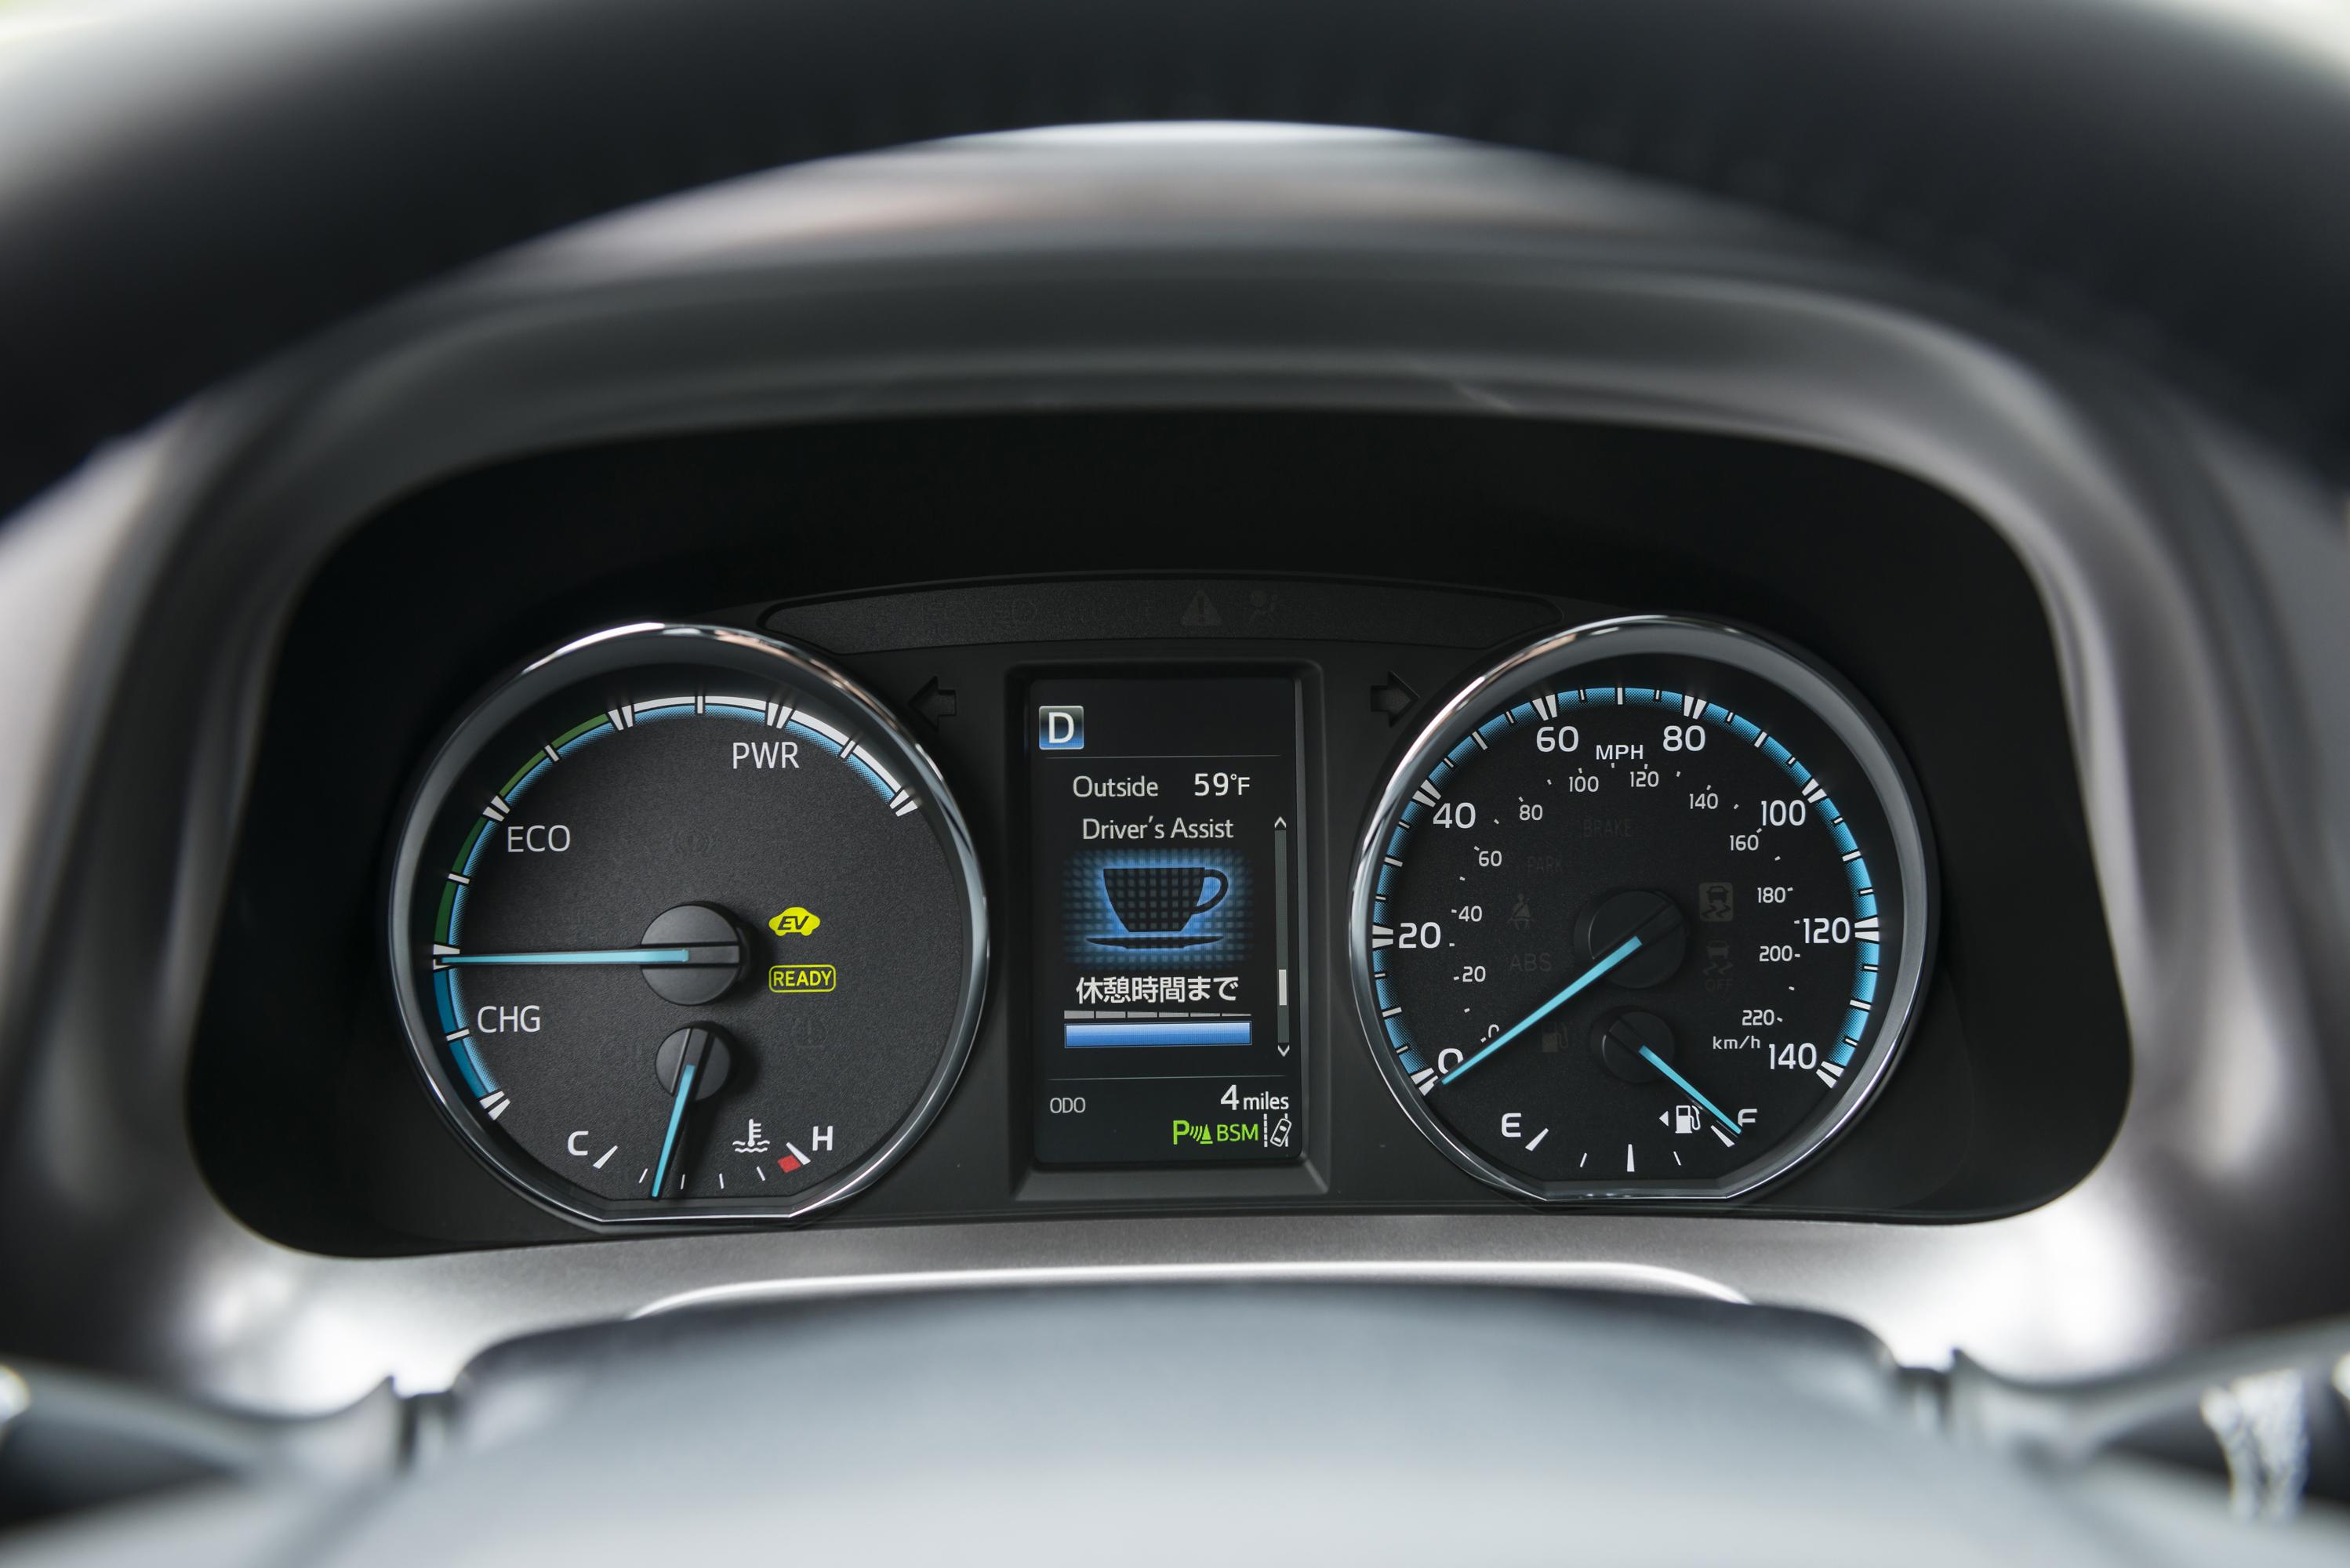 2016 Toyota Rav4 Hybrid Facelift Make Ny Debut Paul Tan